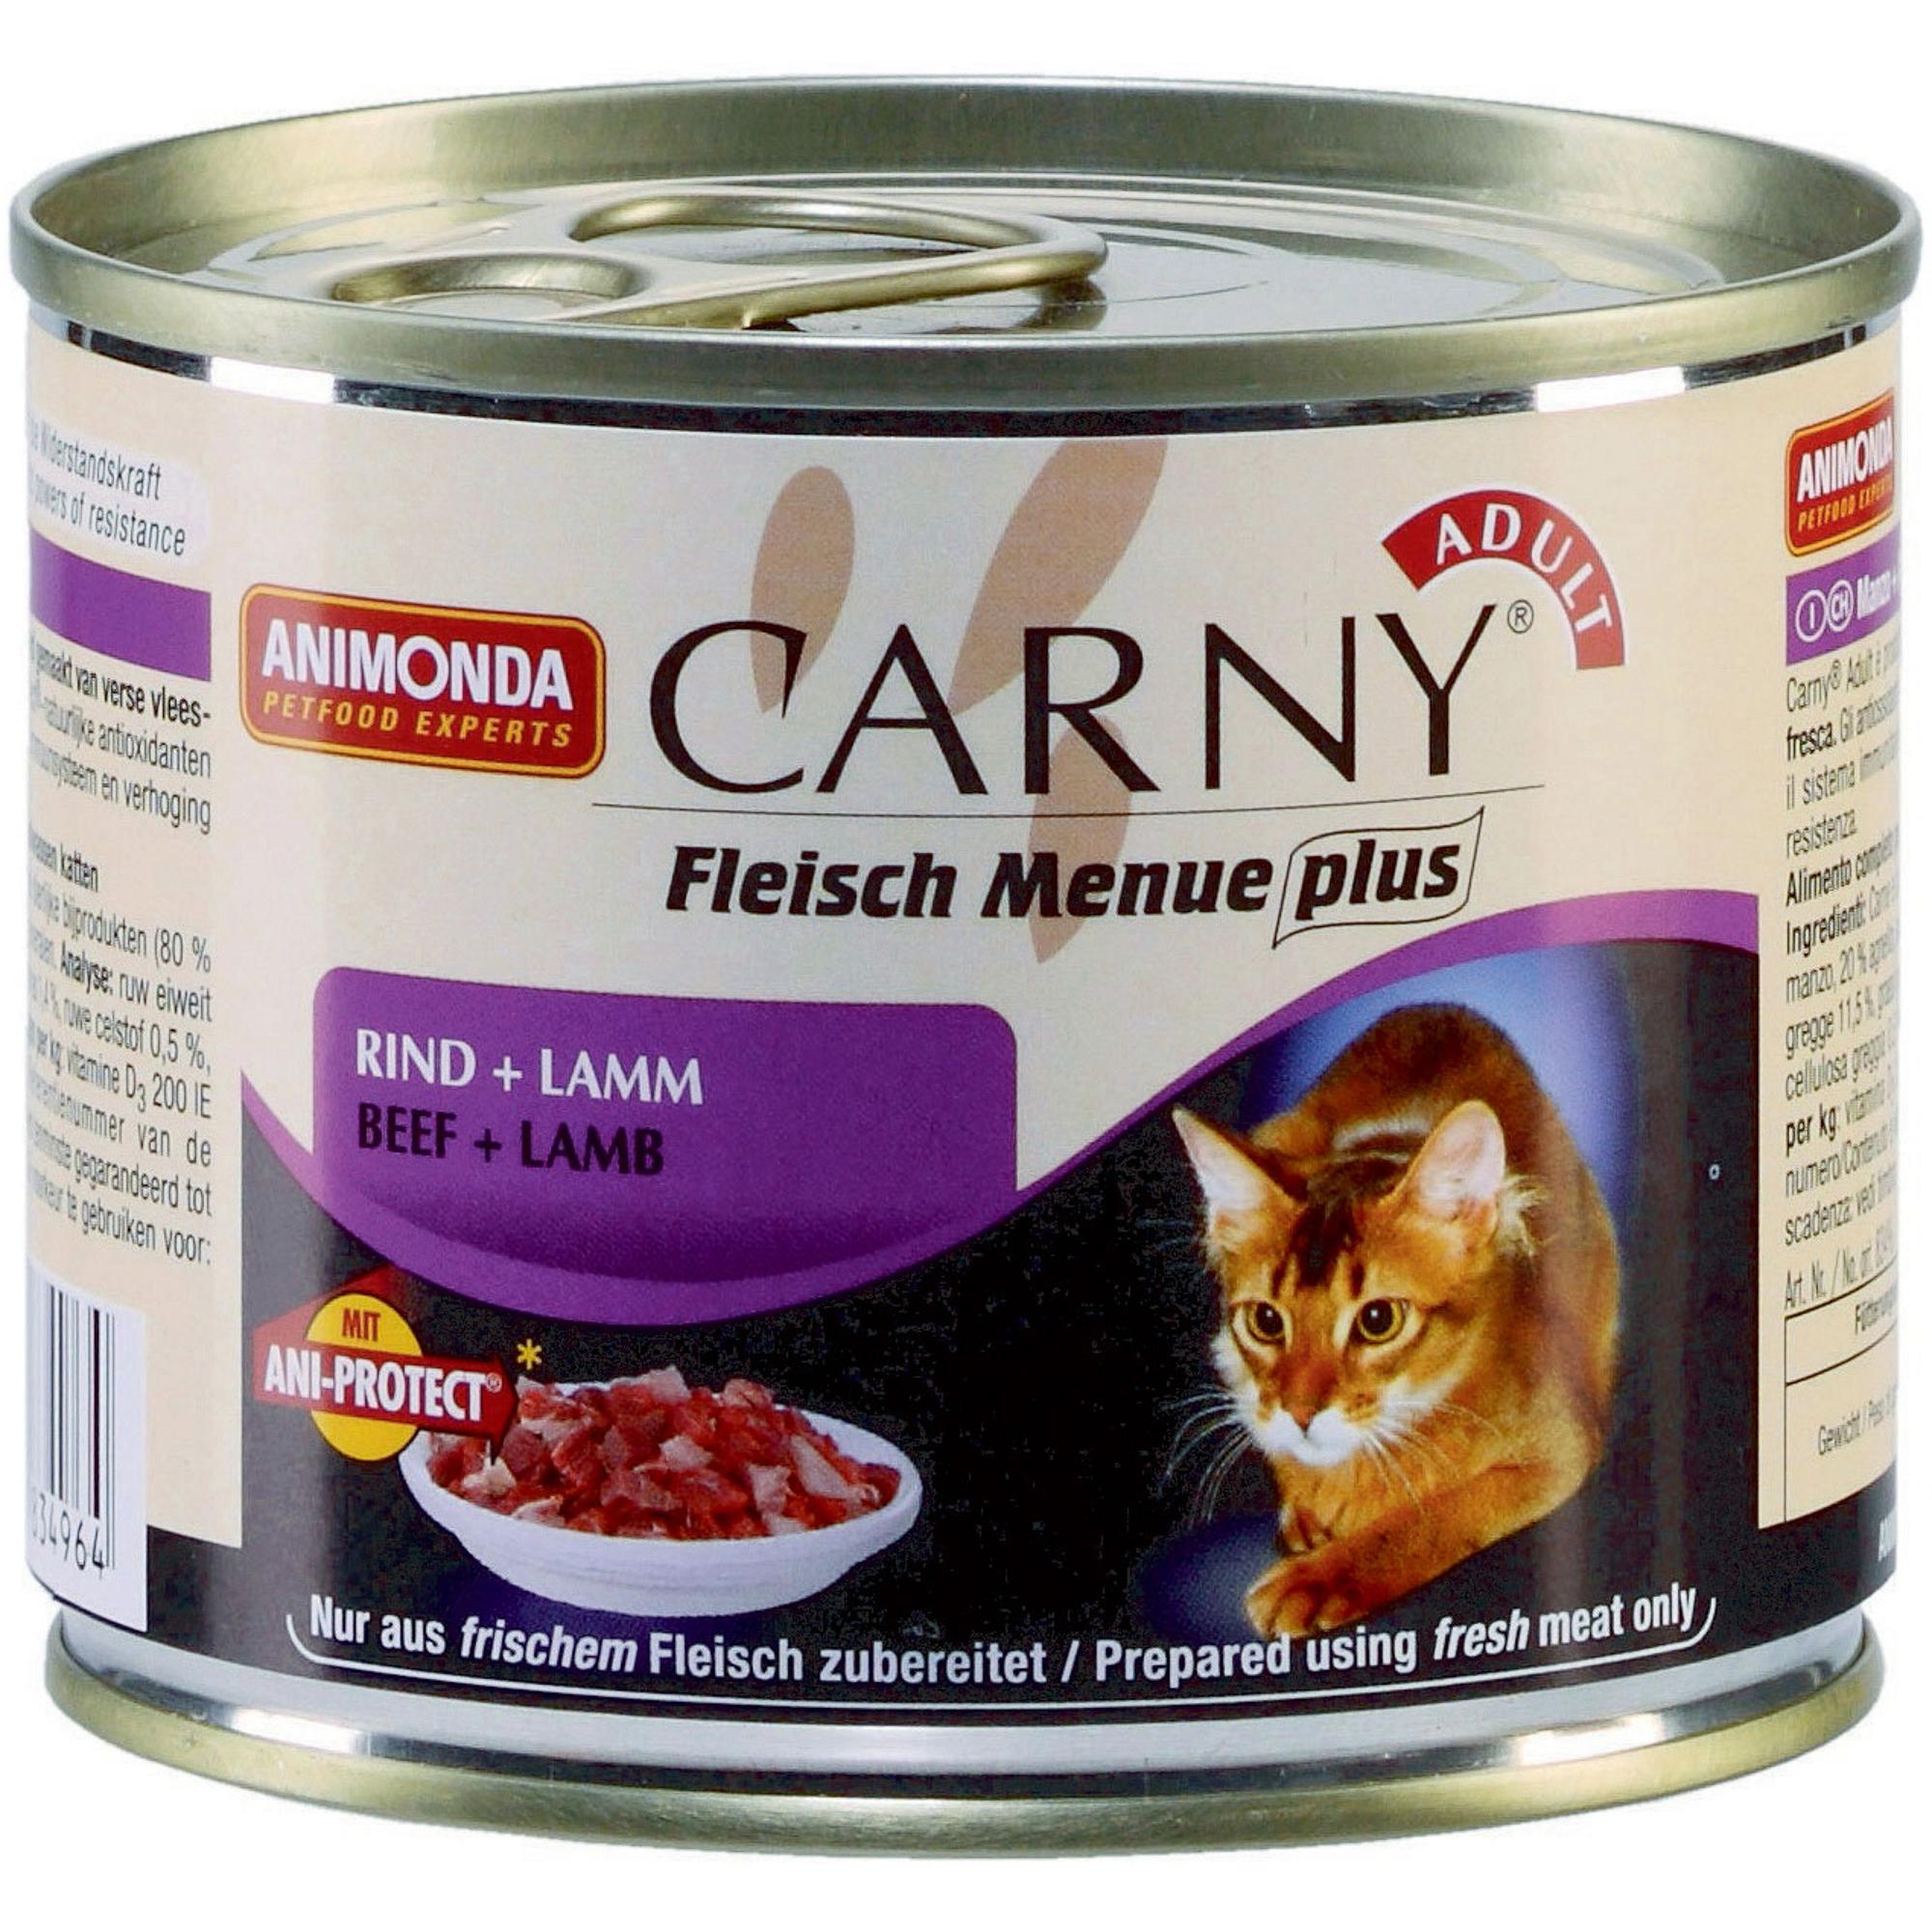 Корм для кошек ANIMONDA Carny говядина, ягненок 200г корм для кошек animonda carny говядина ягненок конс 200г